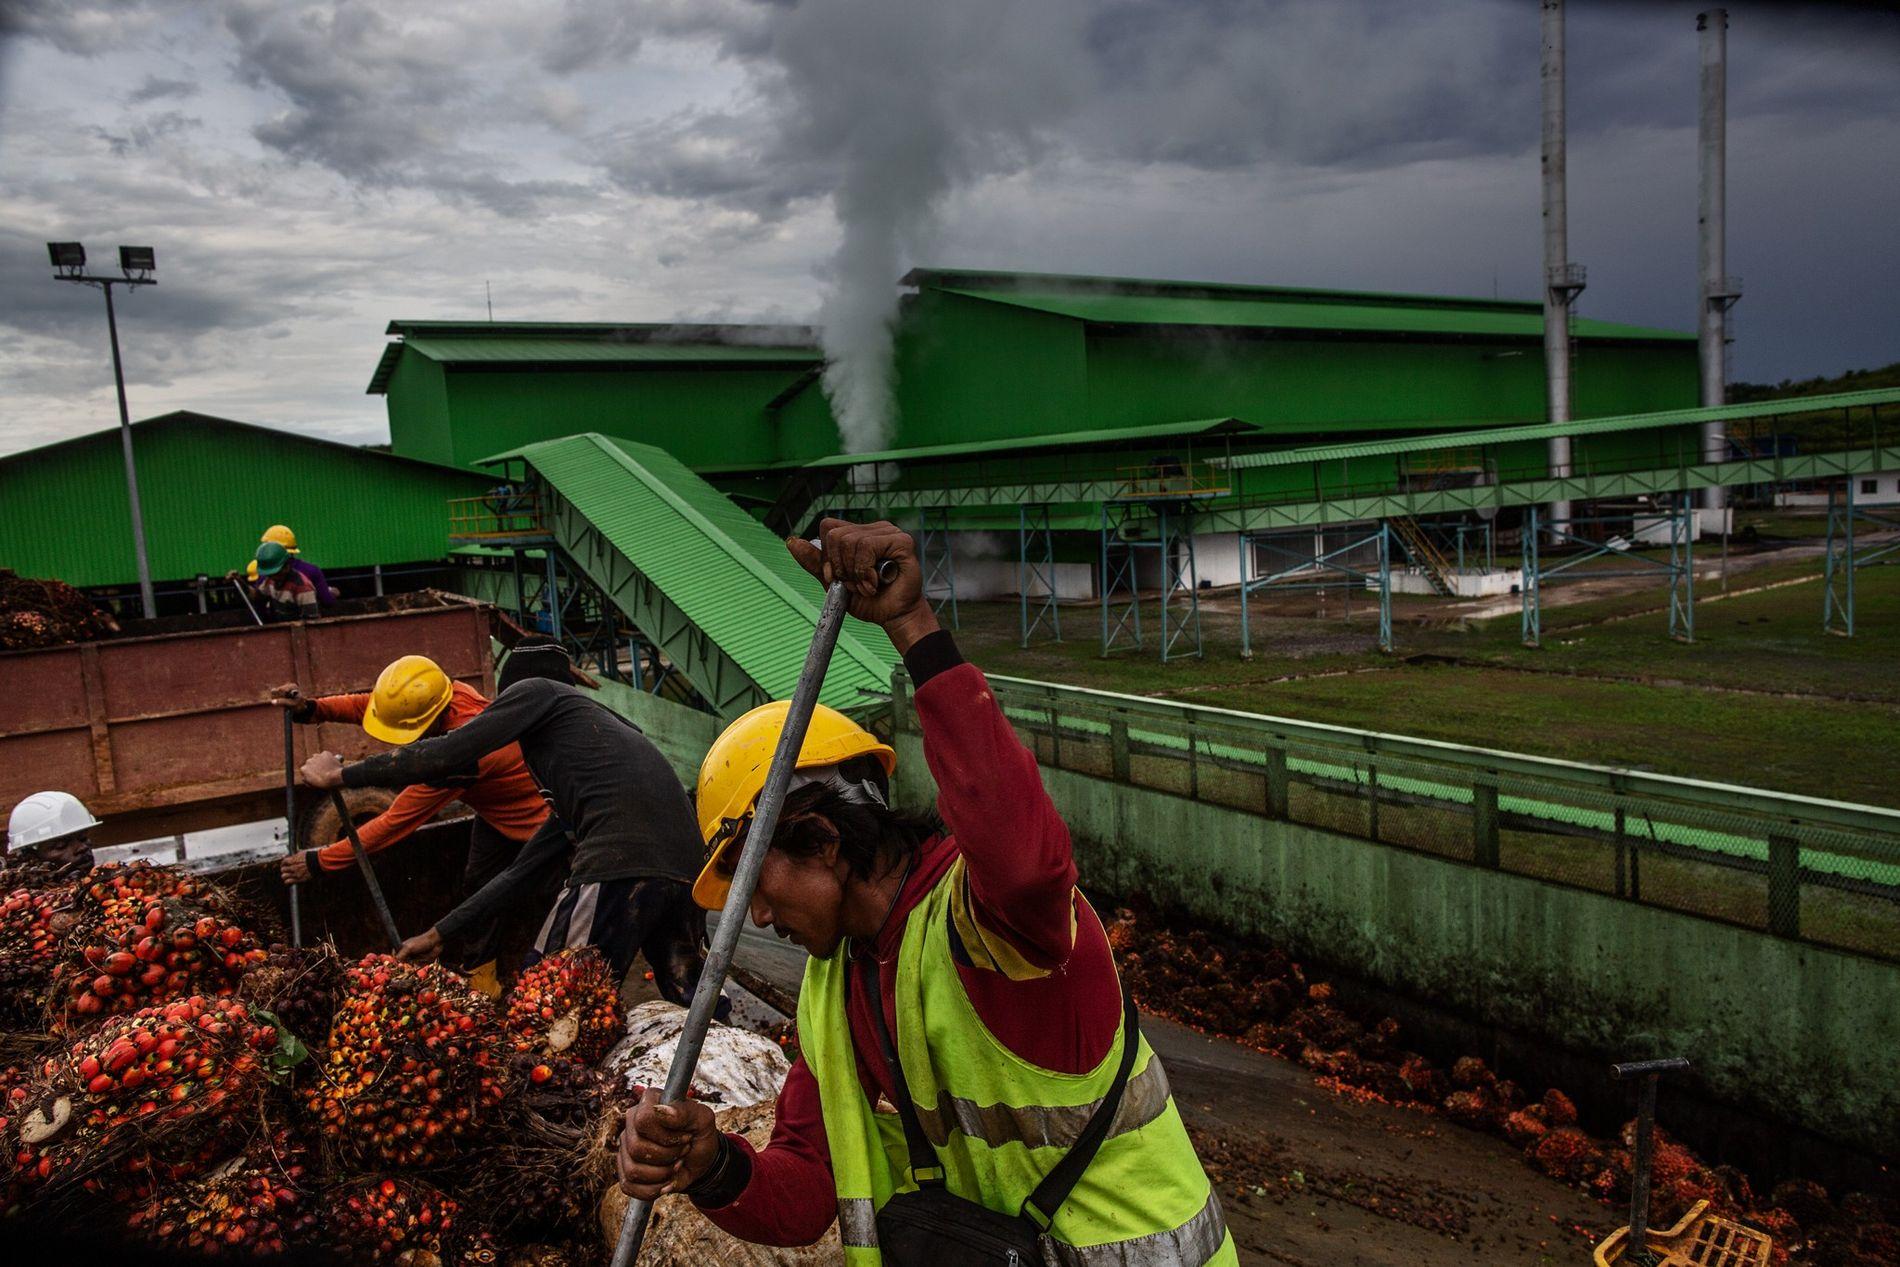 Dans l'ouest du Gabon, le géant agro-industriel singapourien Olam a ouvert deux nouvelles plantations de palmier à huile, chacune avec sa propre huilerie. La forêt couvre les trois quarts du pays. Les autorités veulent développer l'agriculture commerciale, mais sans les atteintes à l'environnement que l'Asie du Sud-Est a connues.